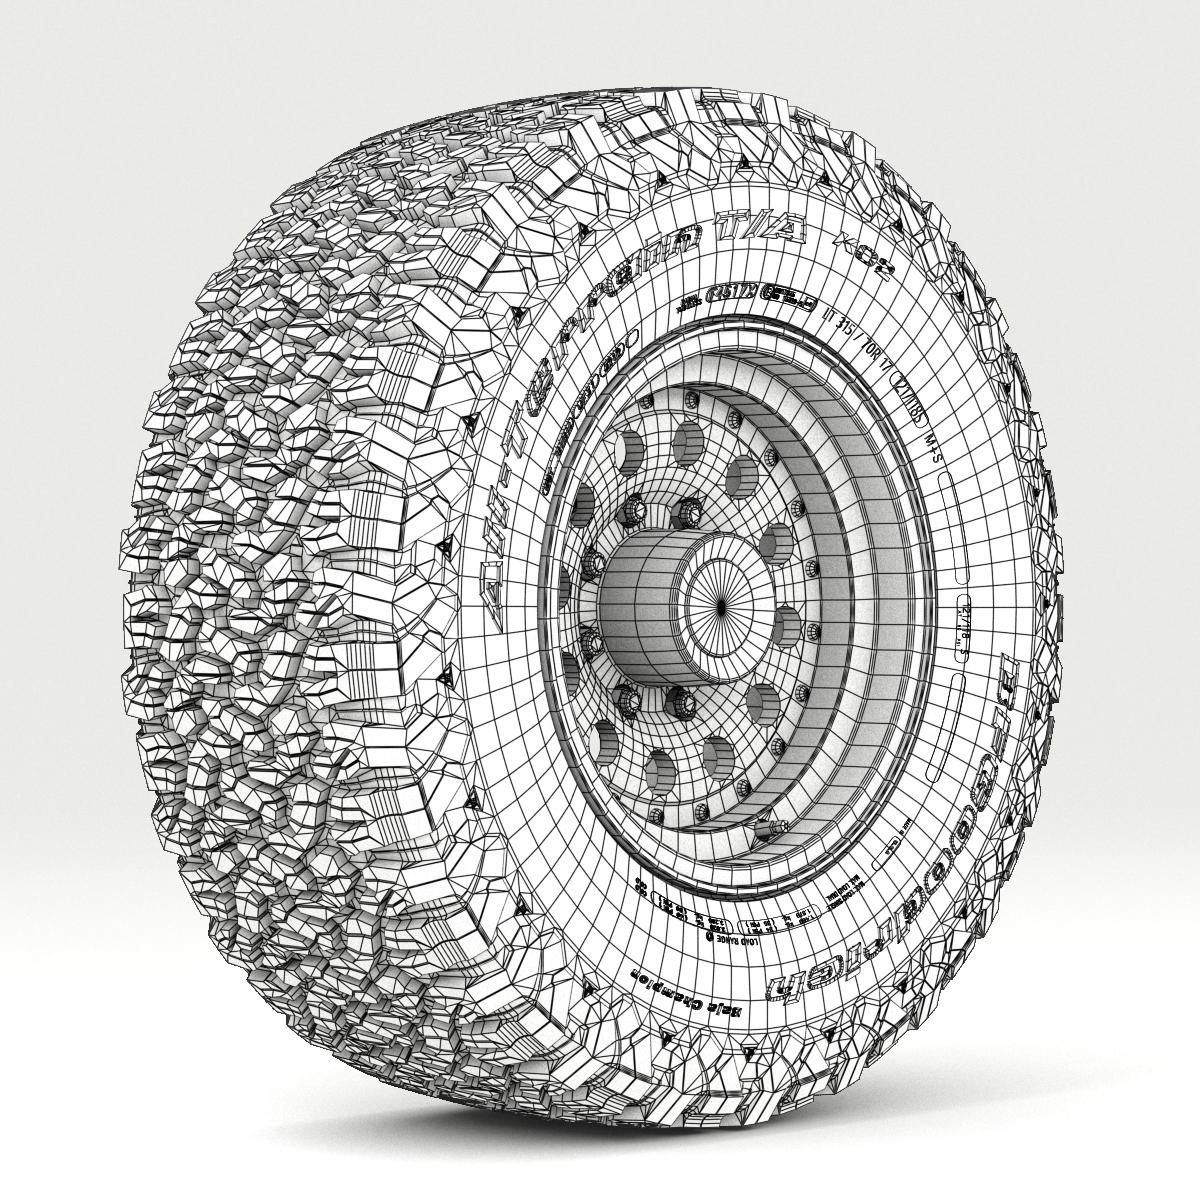 off road wheel and tire 5 3d model 3ds max fbx tga targa icb vda vst pix obj 224475